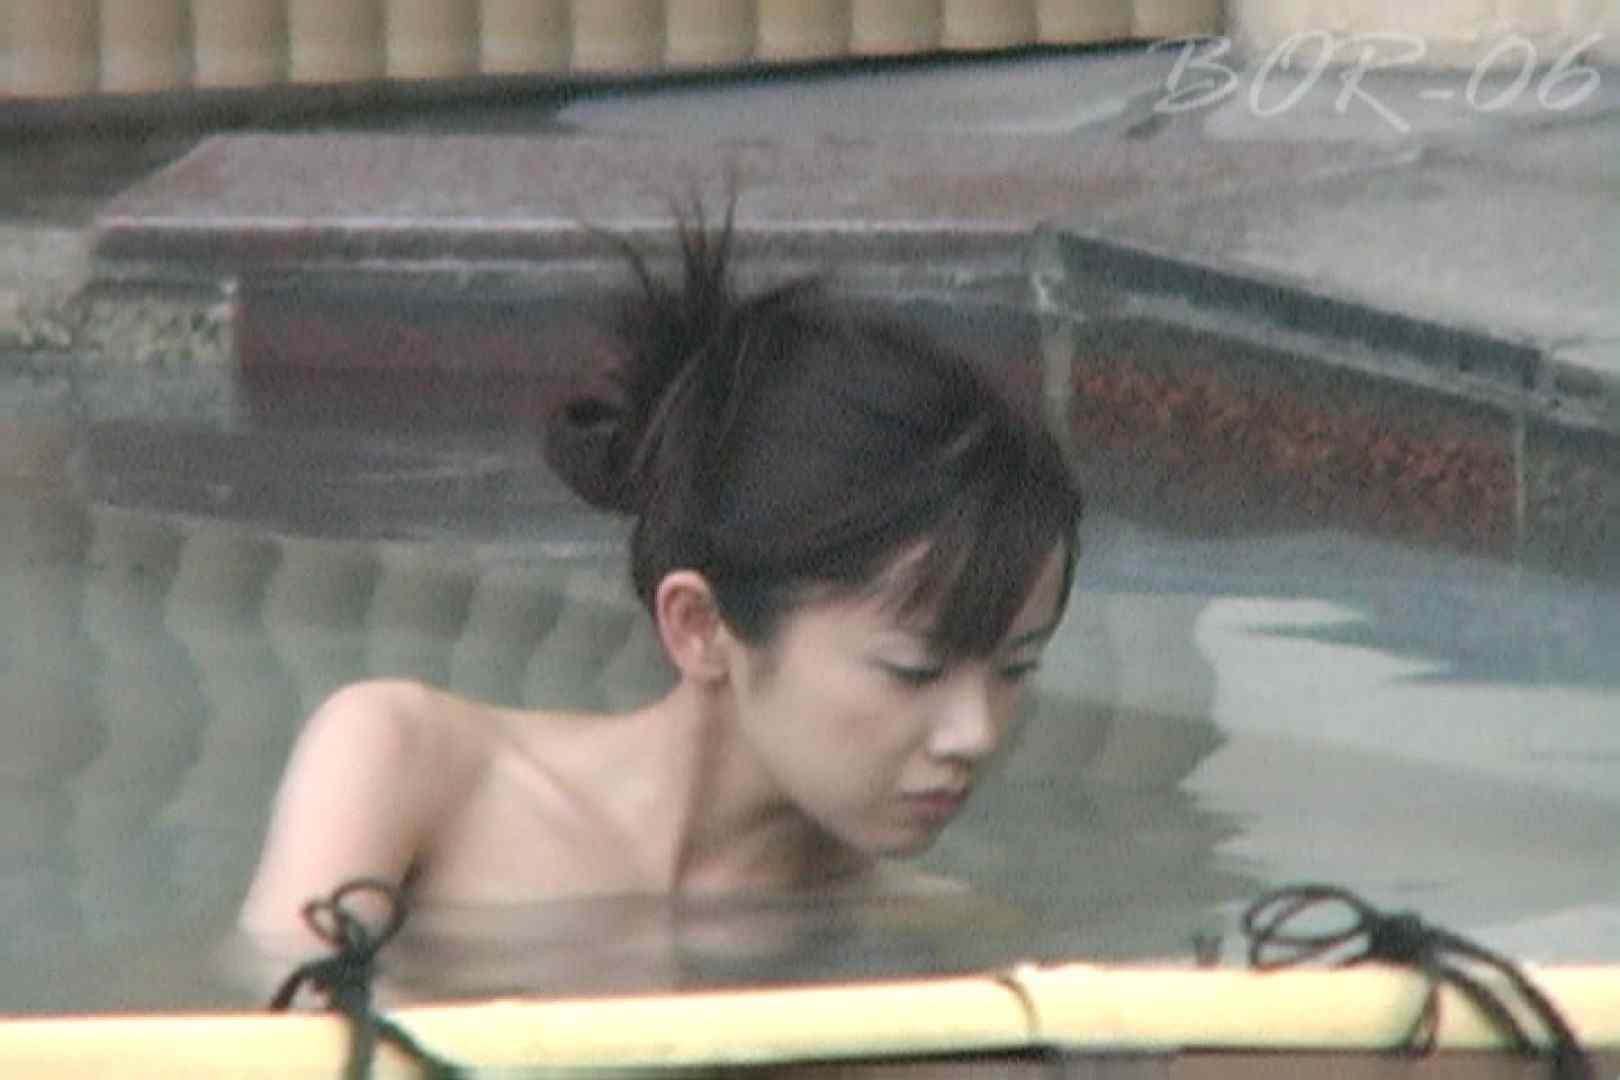 Aquaな露天風呂Vol.521 露天 | 盗撮  96pic 67